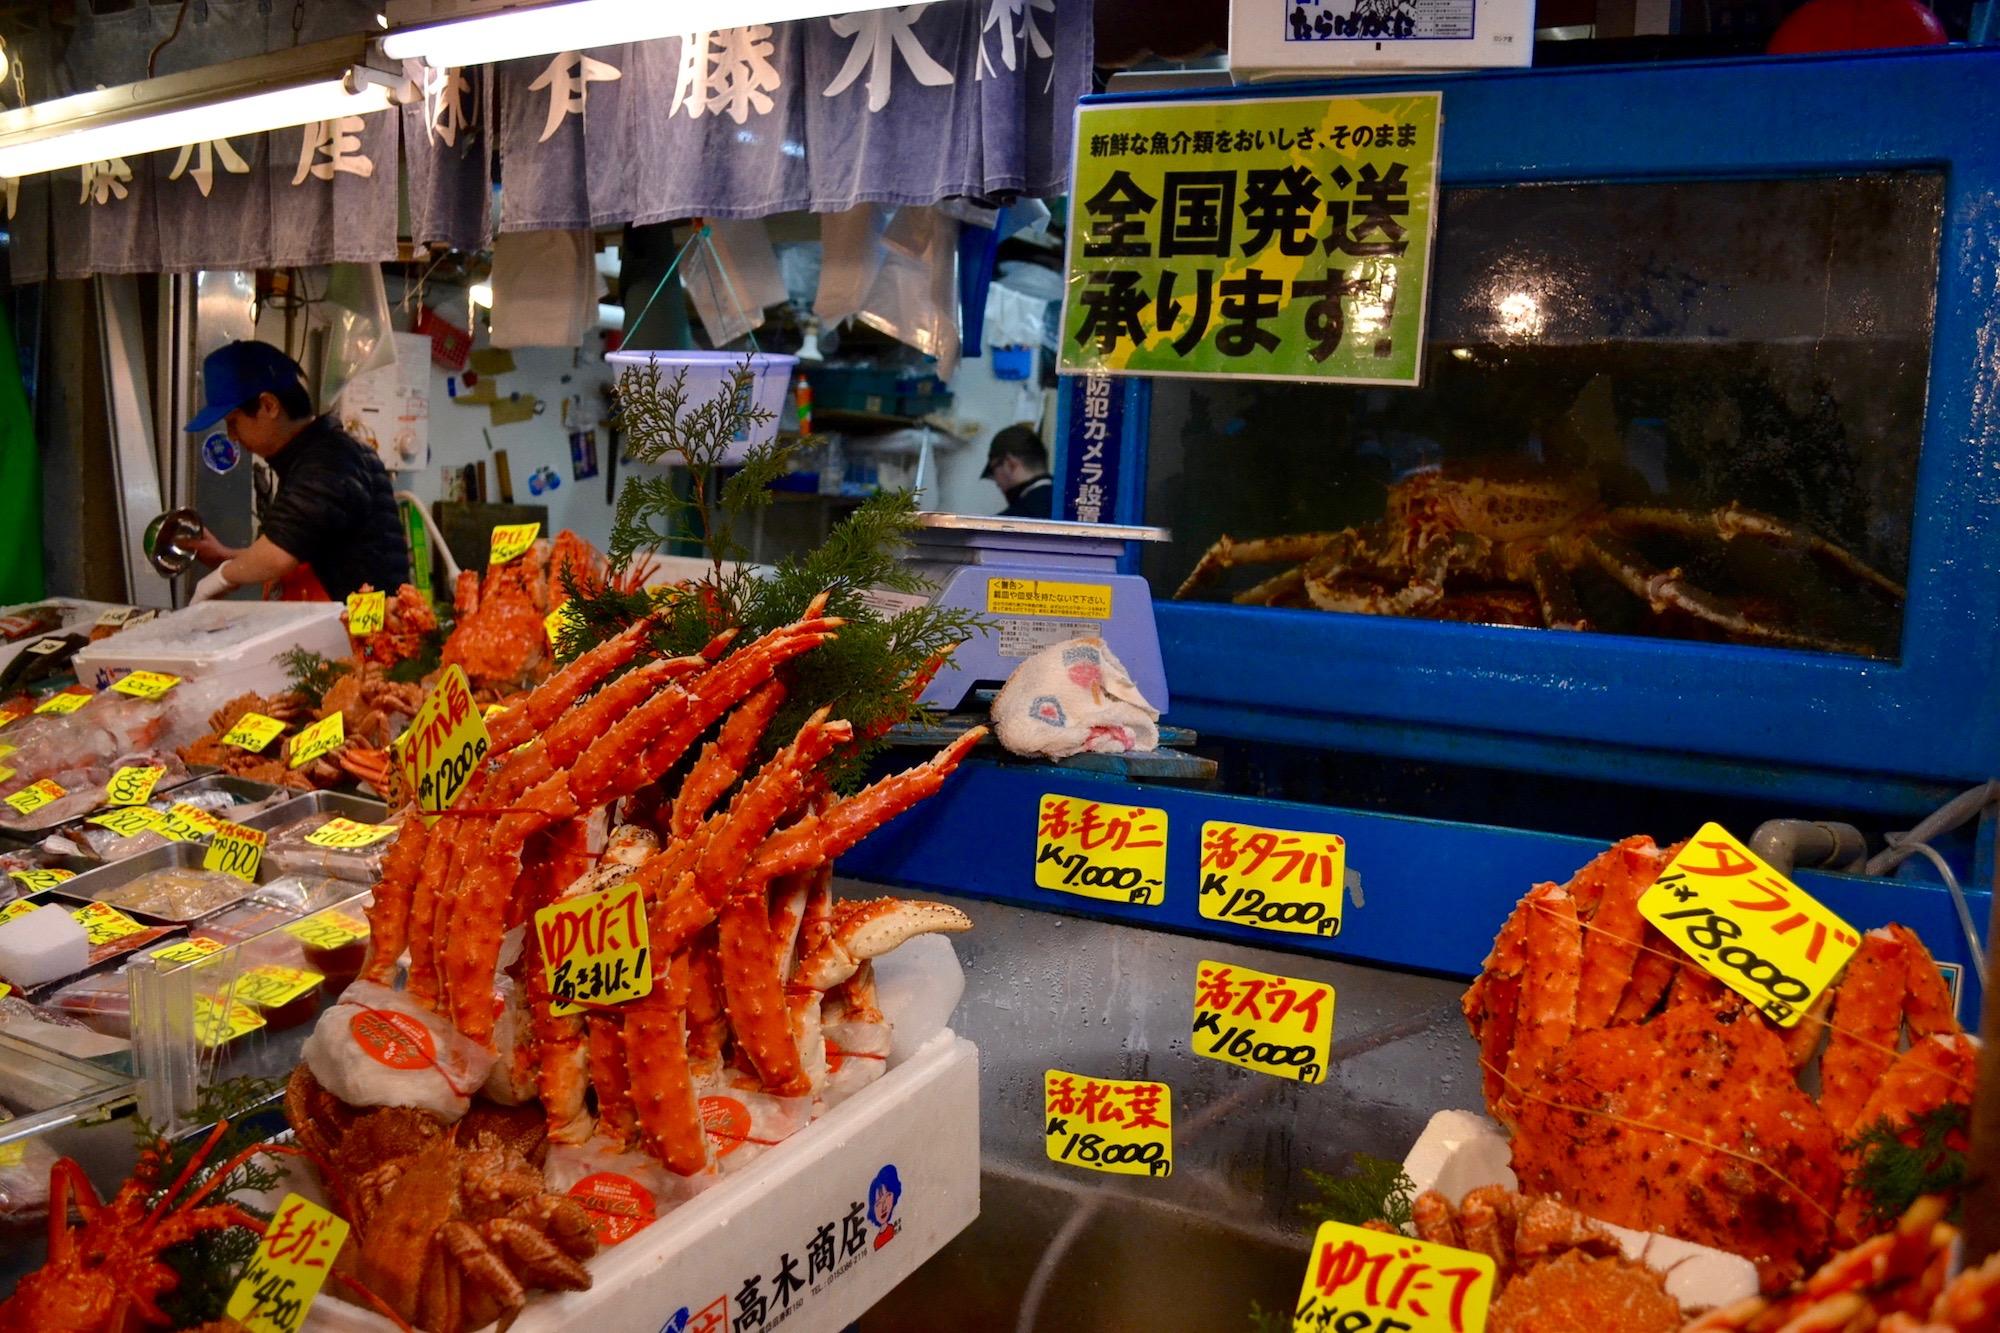 A guide to visiting tokyo 39 s famed tsukiji fish market for Tsukiji fish market japan